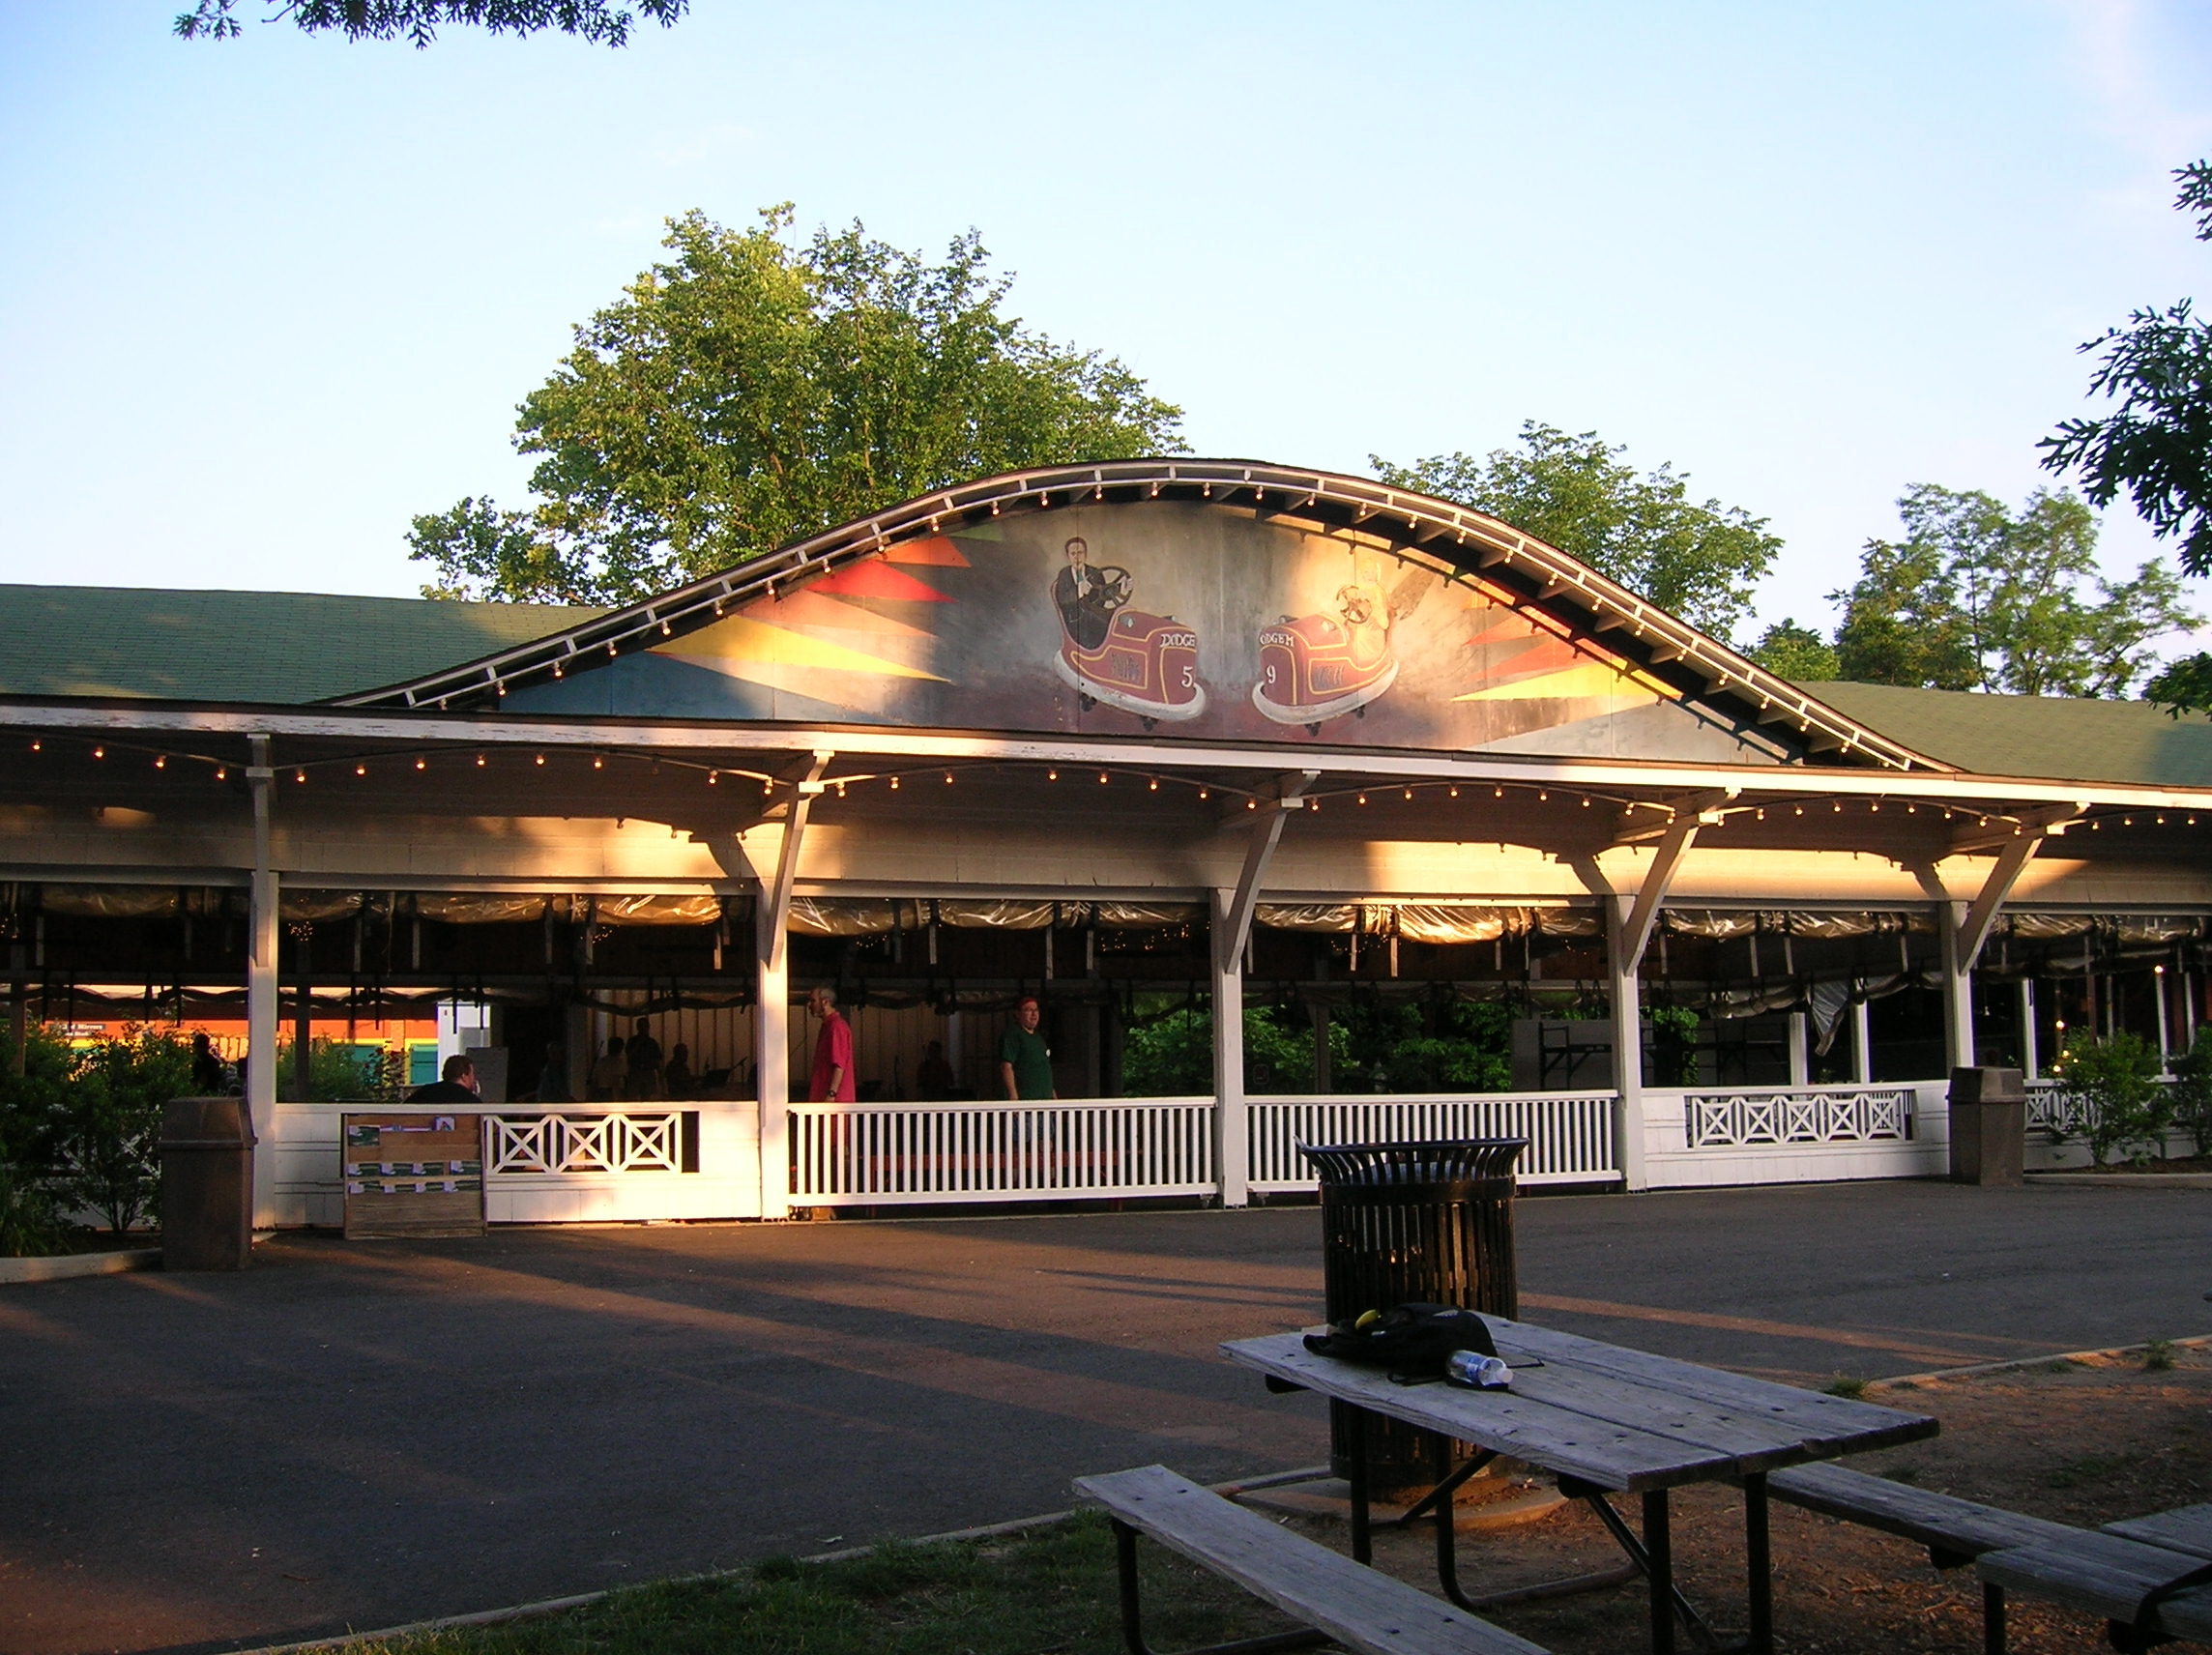 Glen Echo Park Bumper Car Pavilion